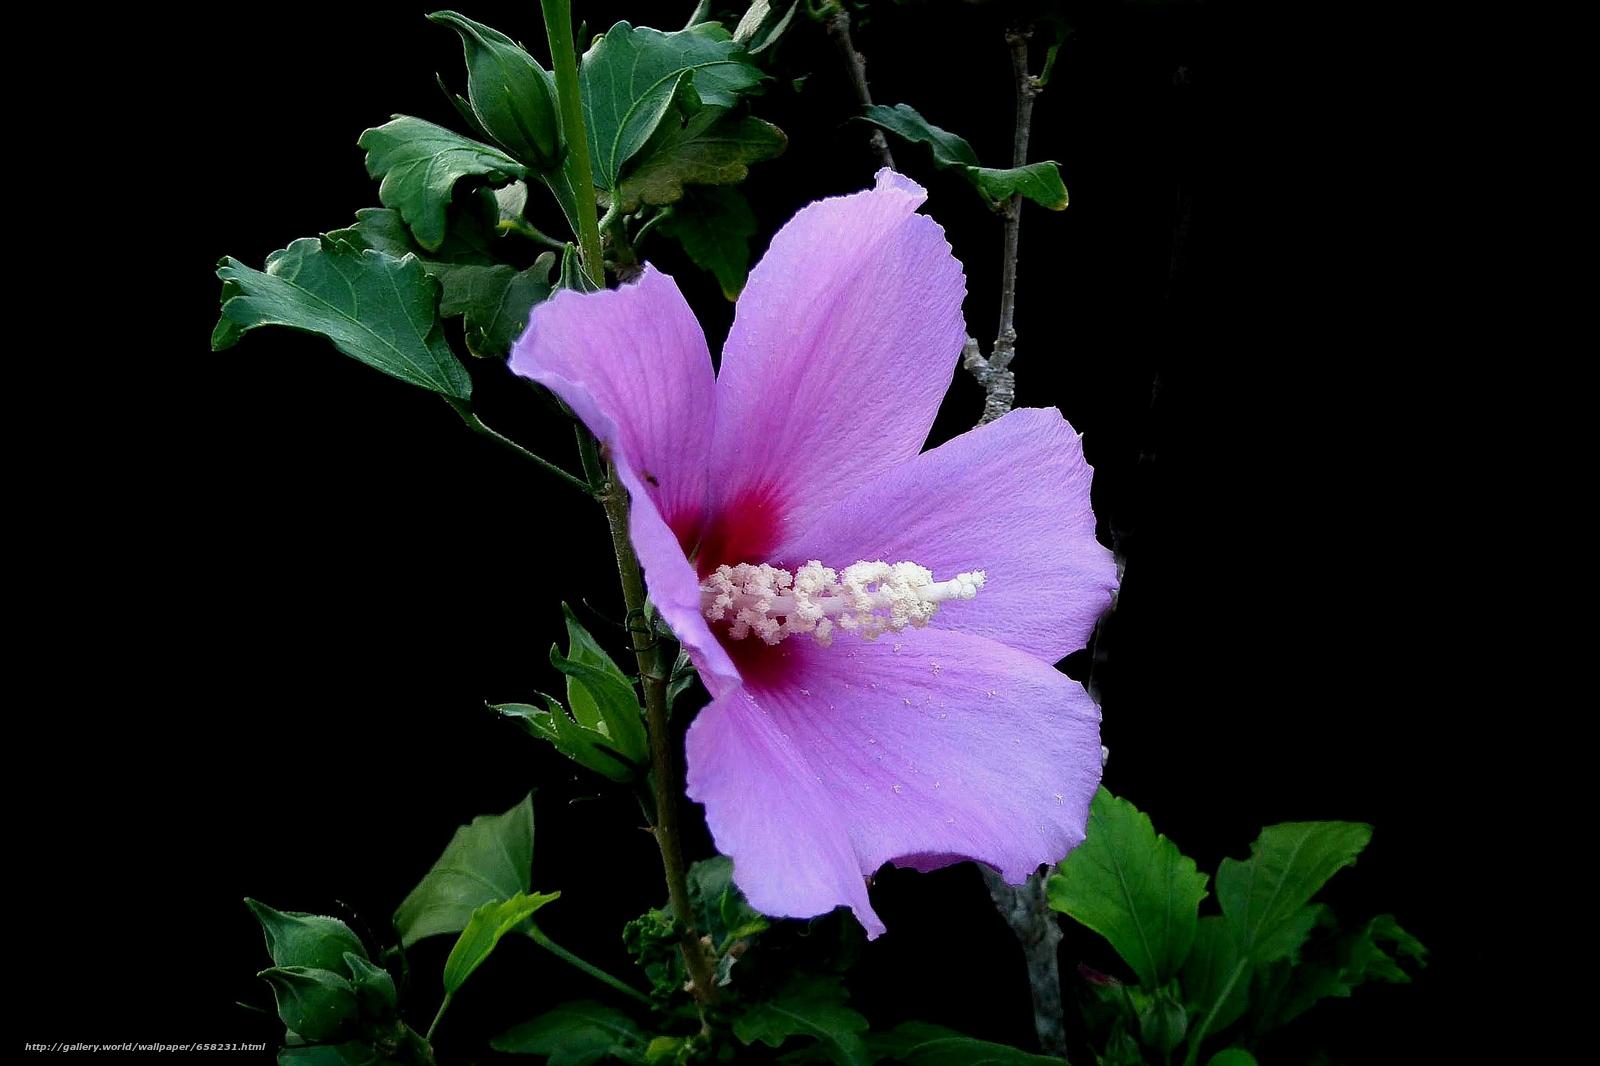 Скачать обои Гибискус,  Hibiscus,  цветы,  цветок бесплатно для рабочего стола в разрешении 2592x1727 — картинка №658231